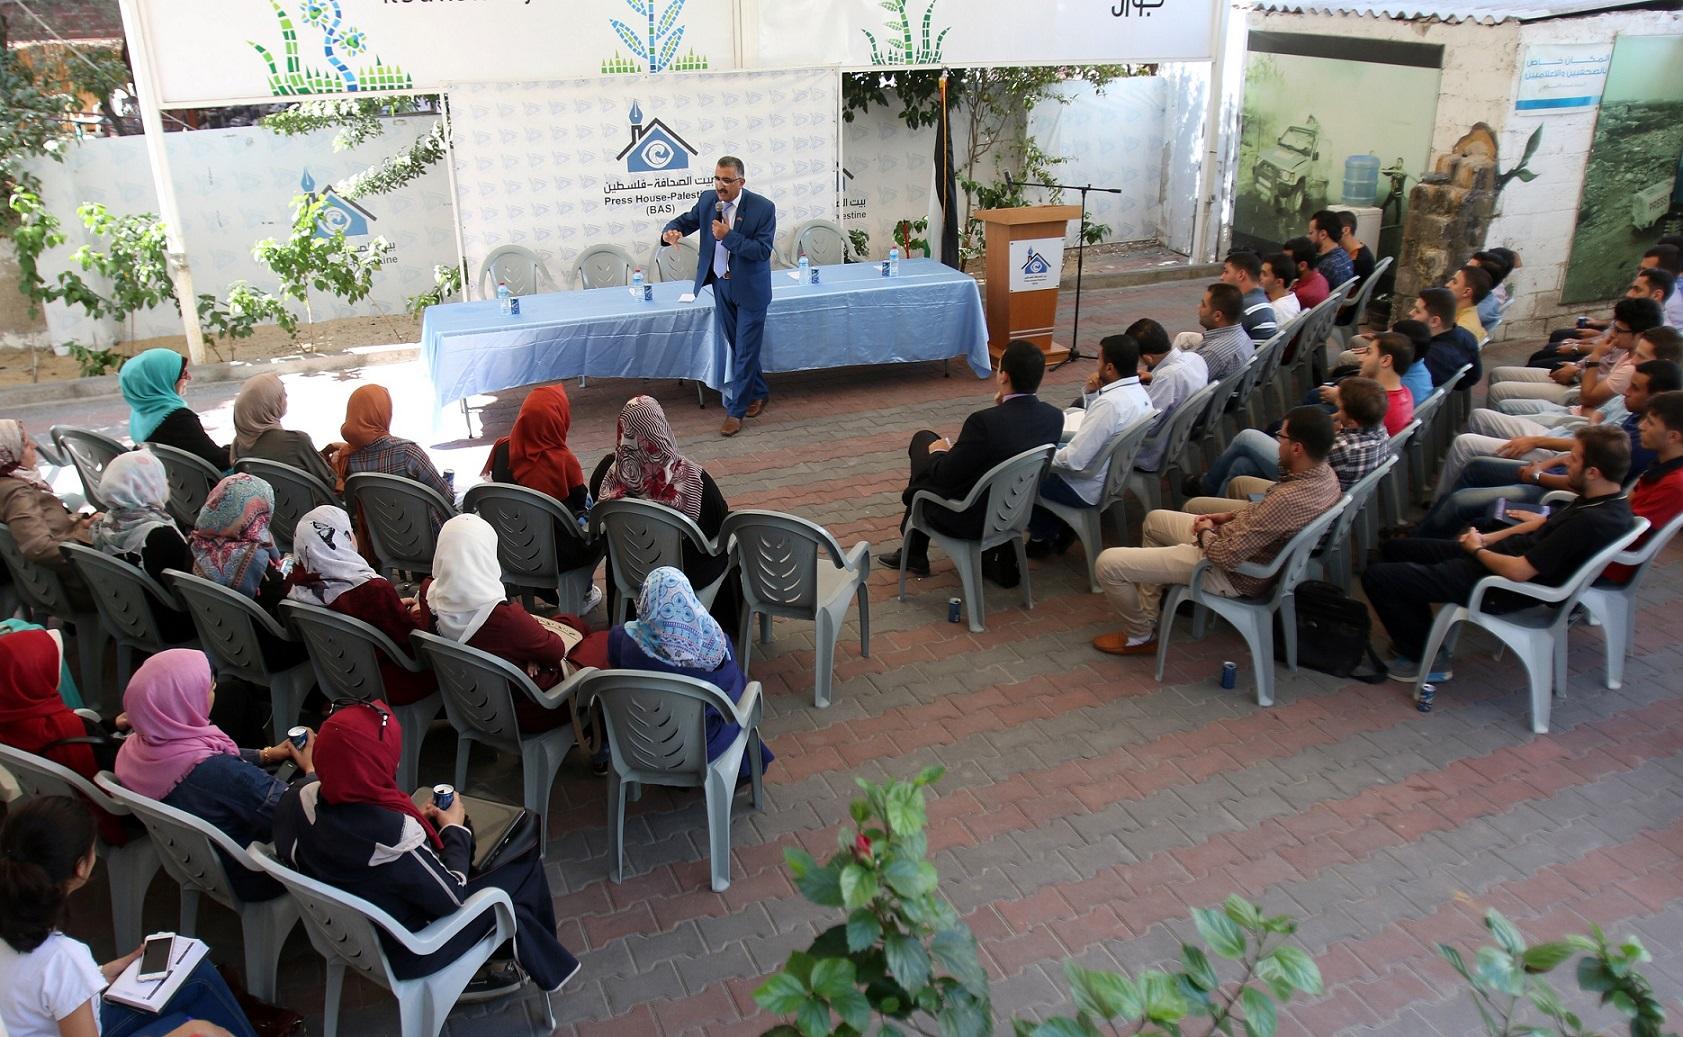 لقاء تعريفي لطلبة غزة المقبولين في منحة وزارة التعليم العالي التركية ببيت الصحافة